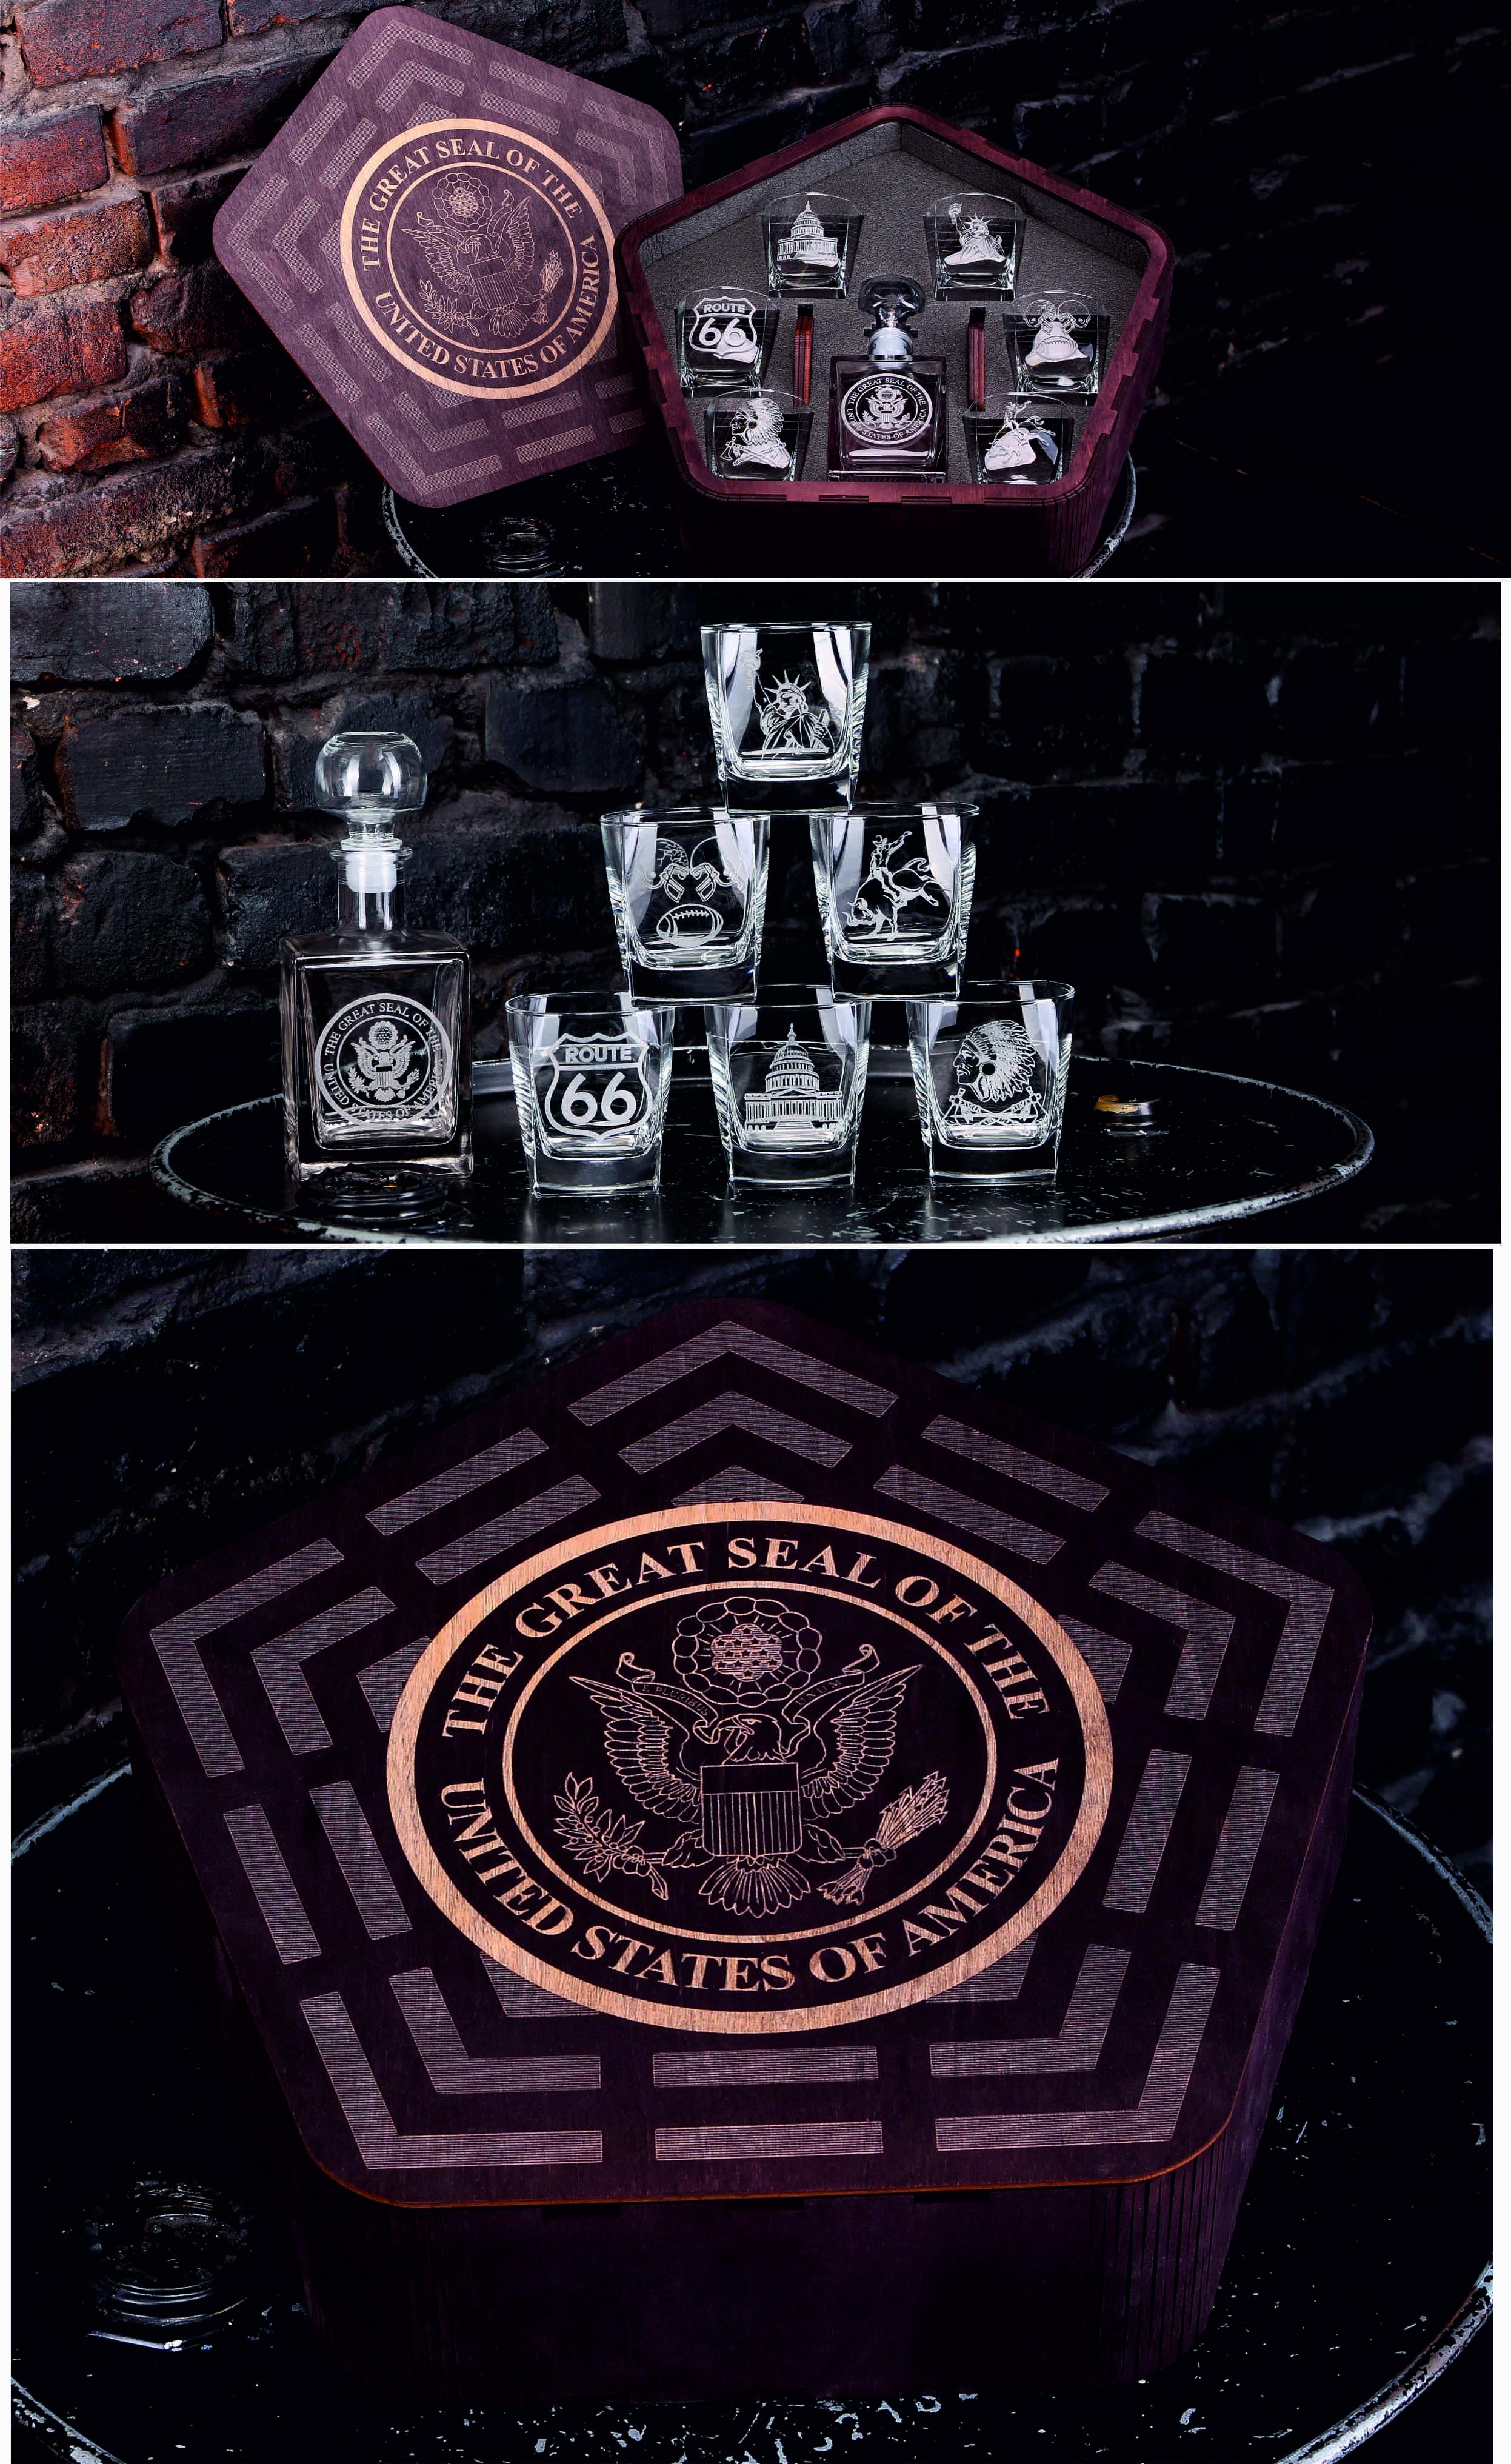 whiskey sampler gift set usa